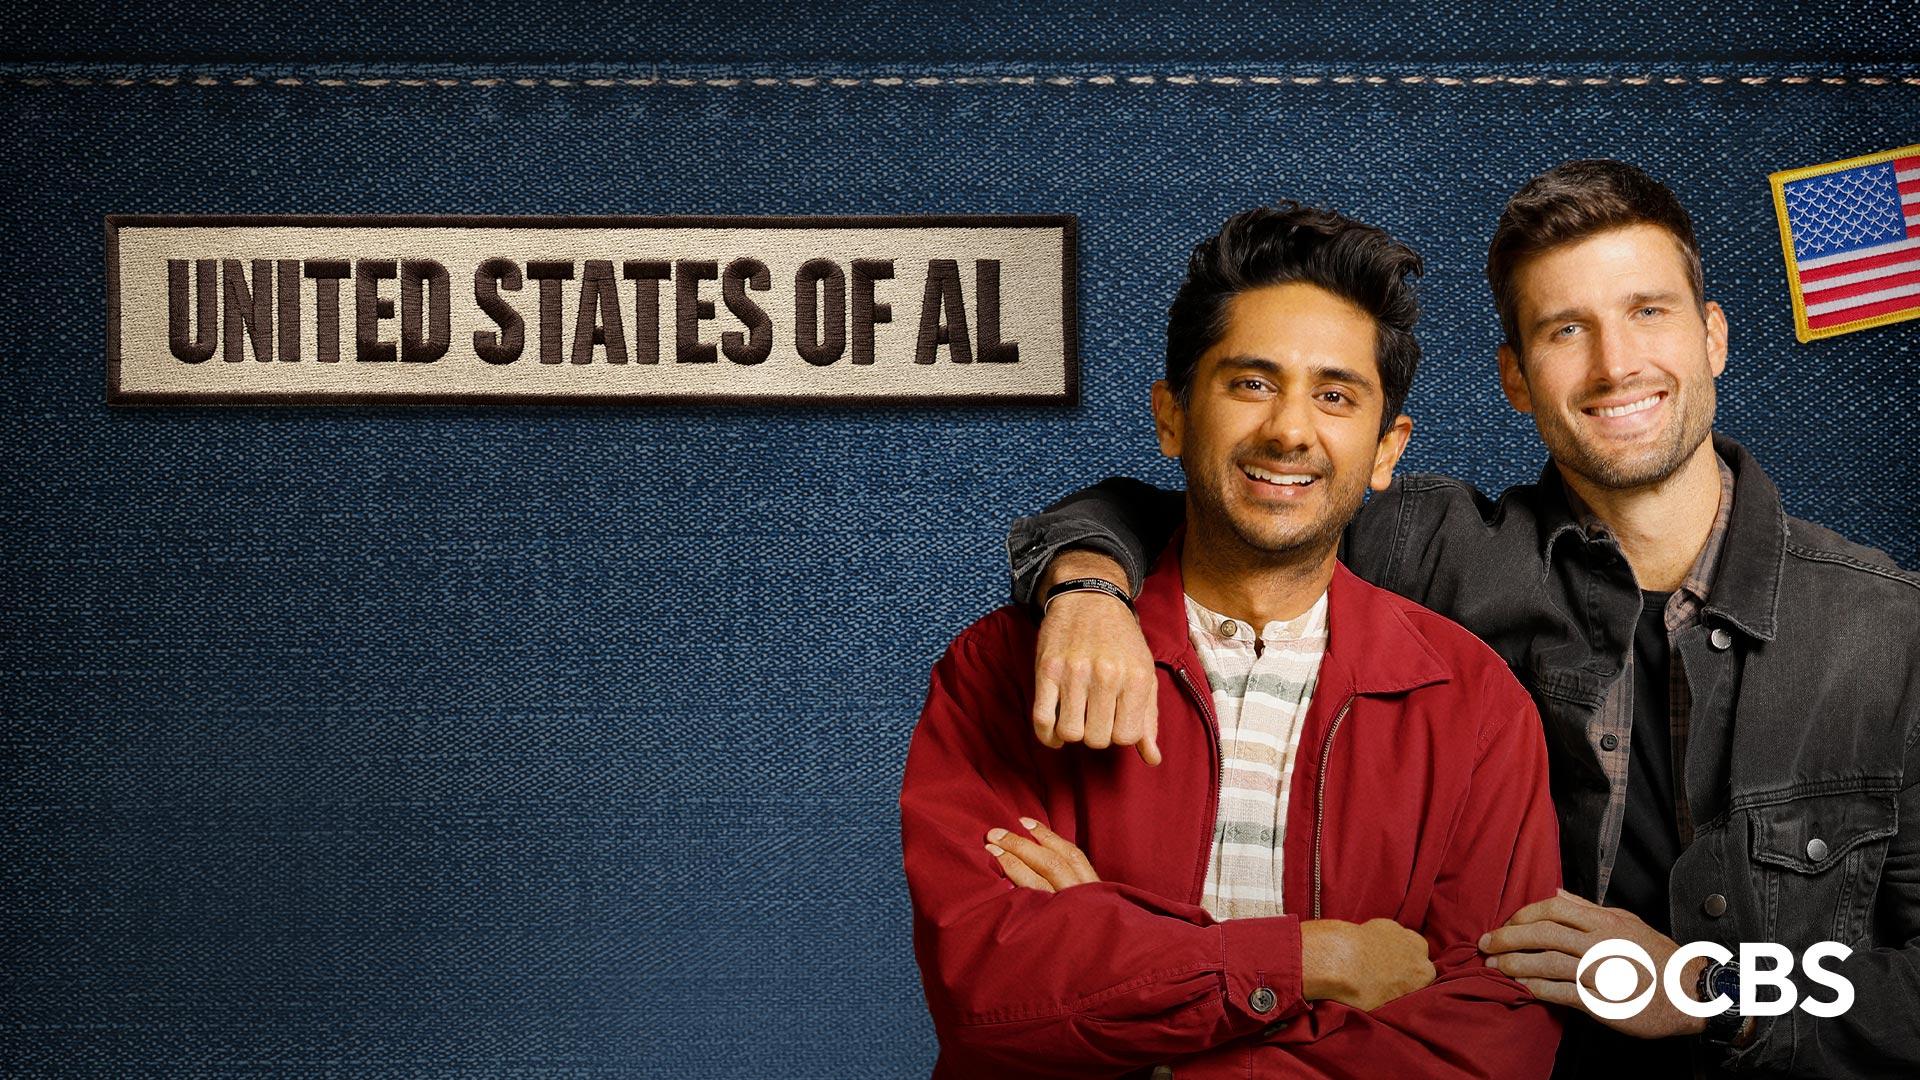 United States of Al: Season 1